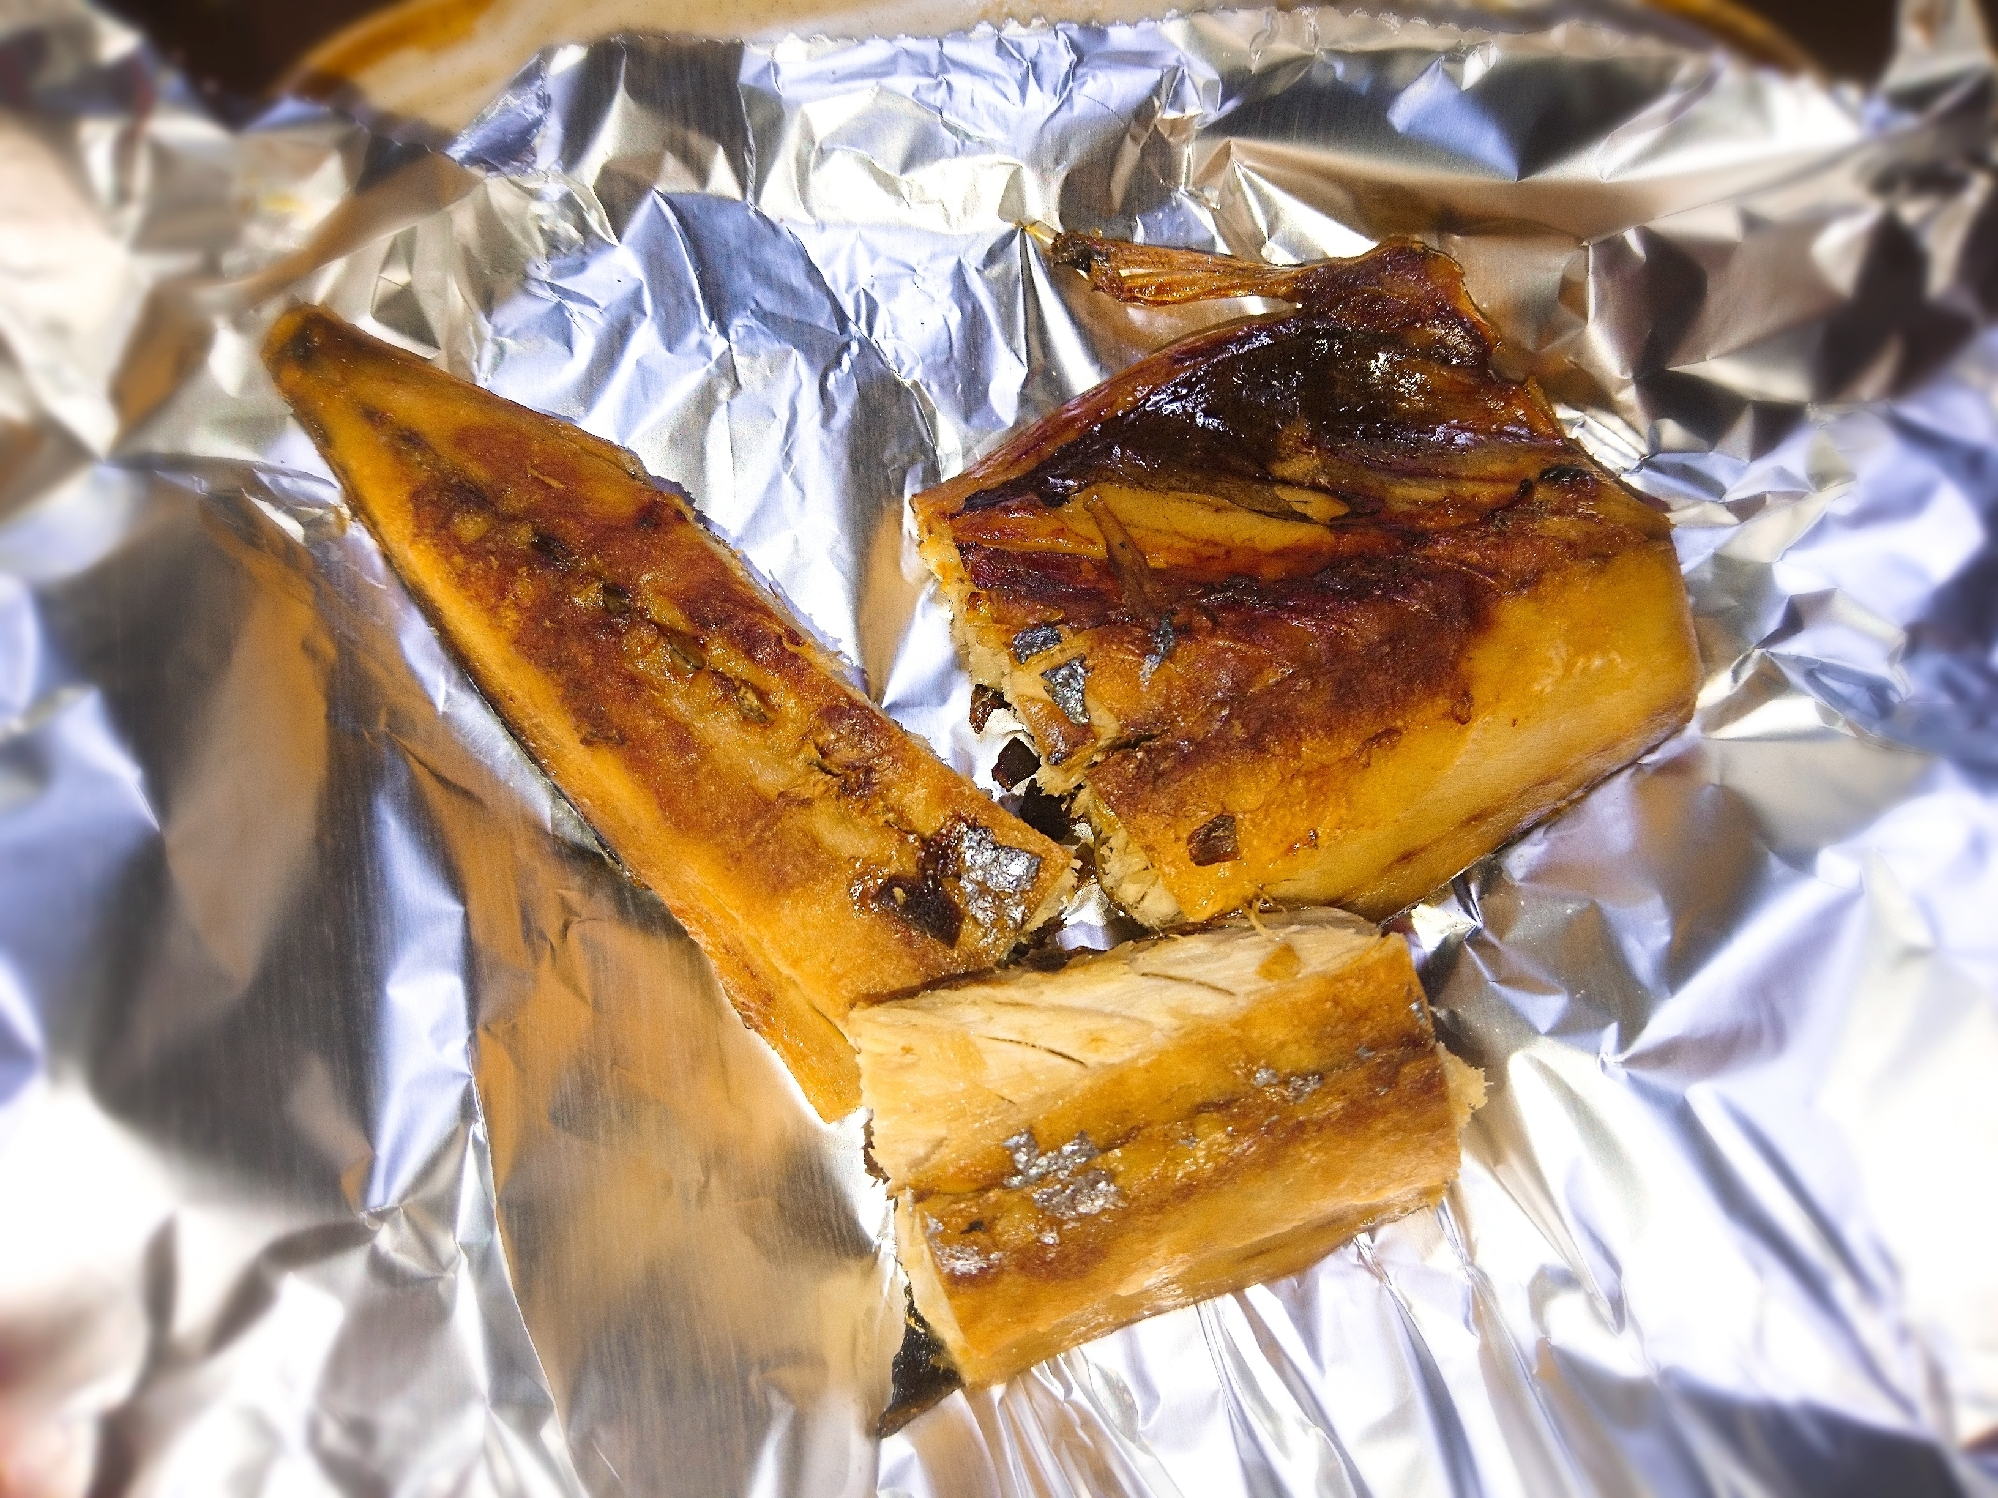 アルミホイルの上にのせた鯖の塩焼き